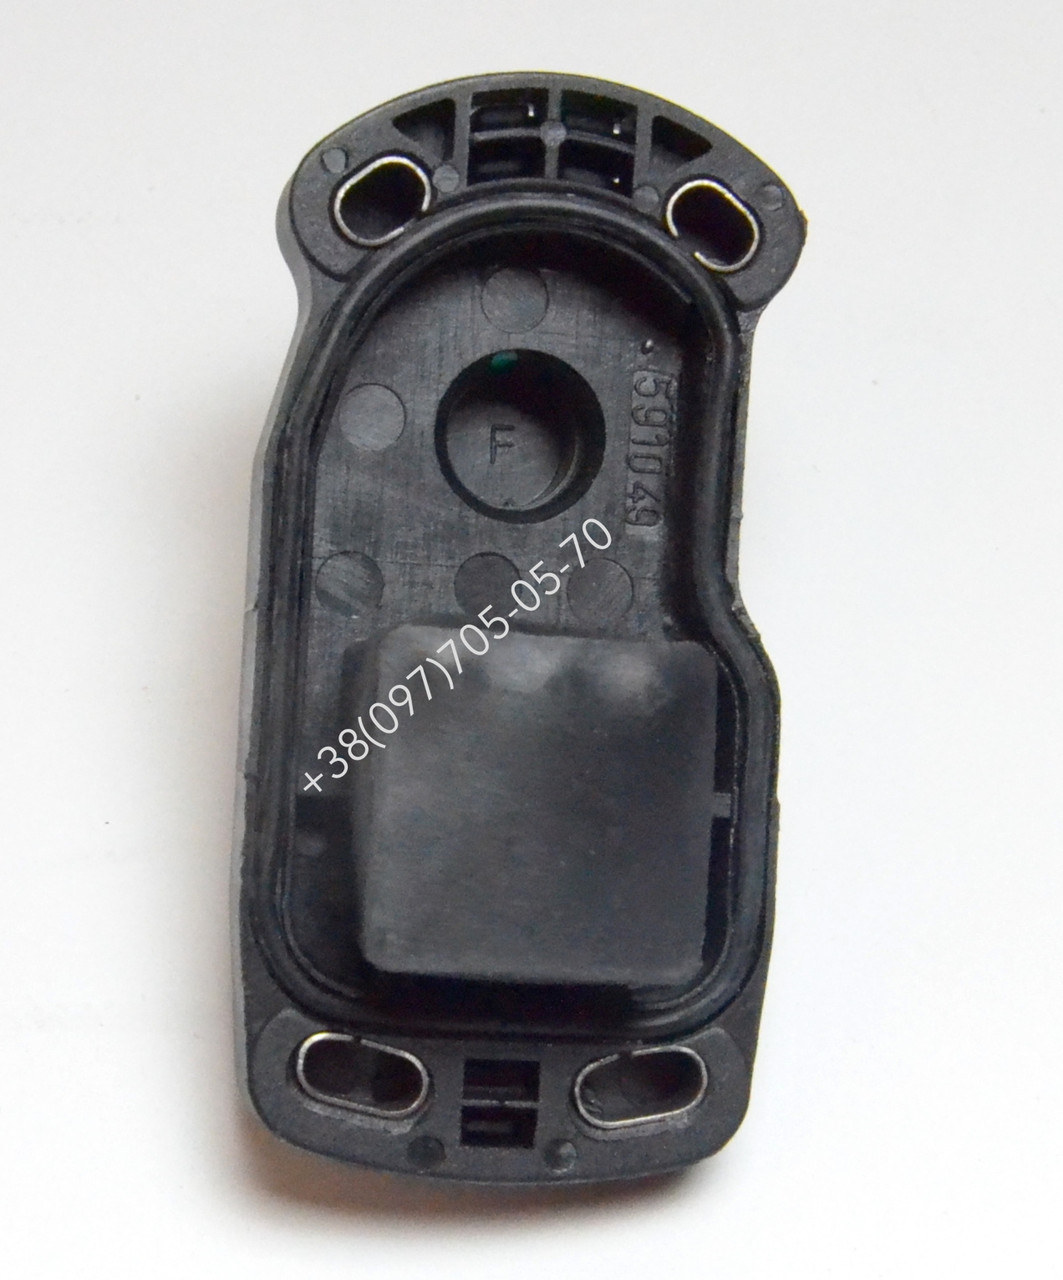 Потенциометр датчик положения дроселя Mercedes W124 W126 W201 W463